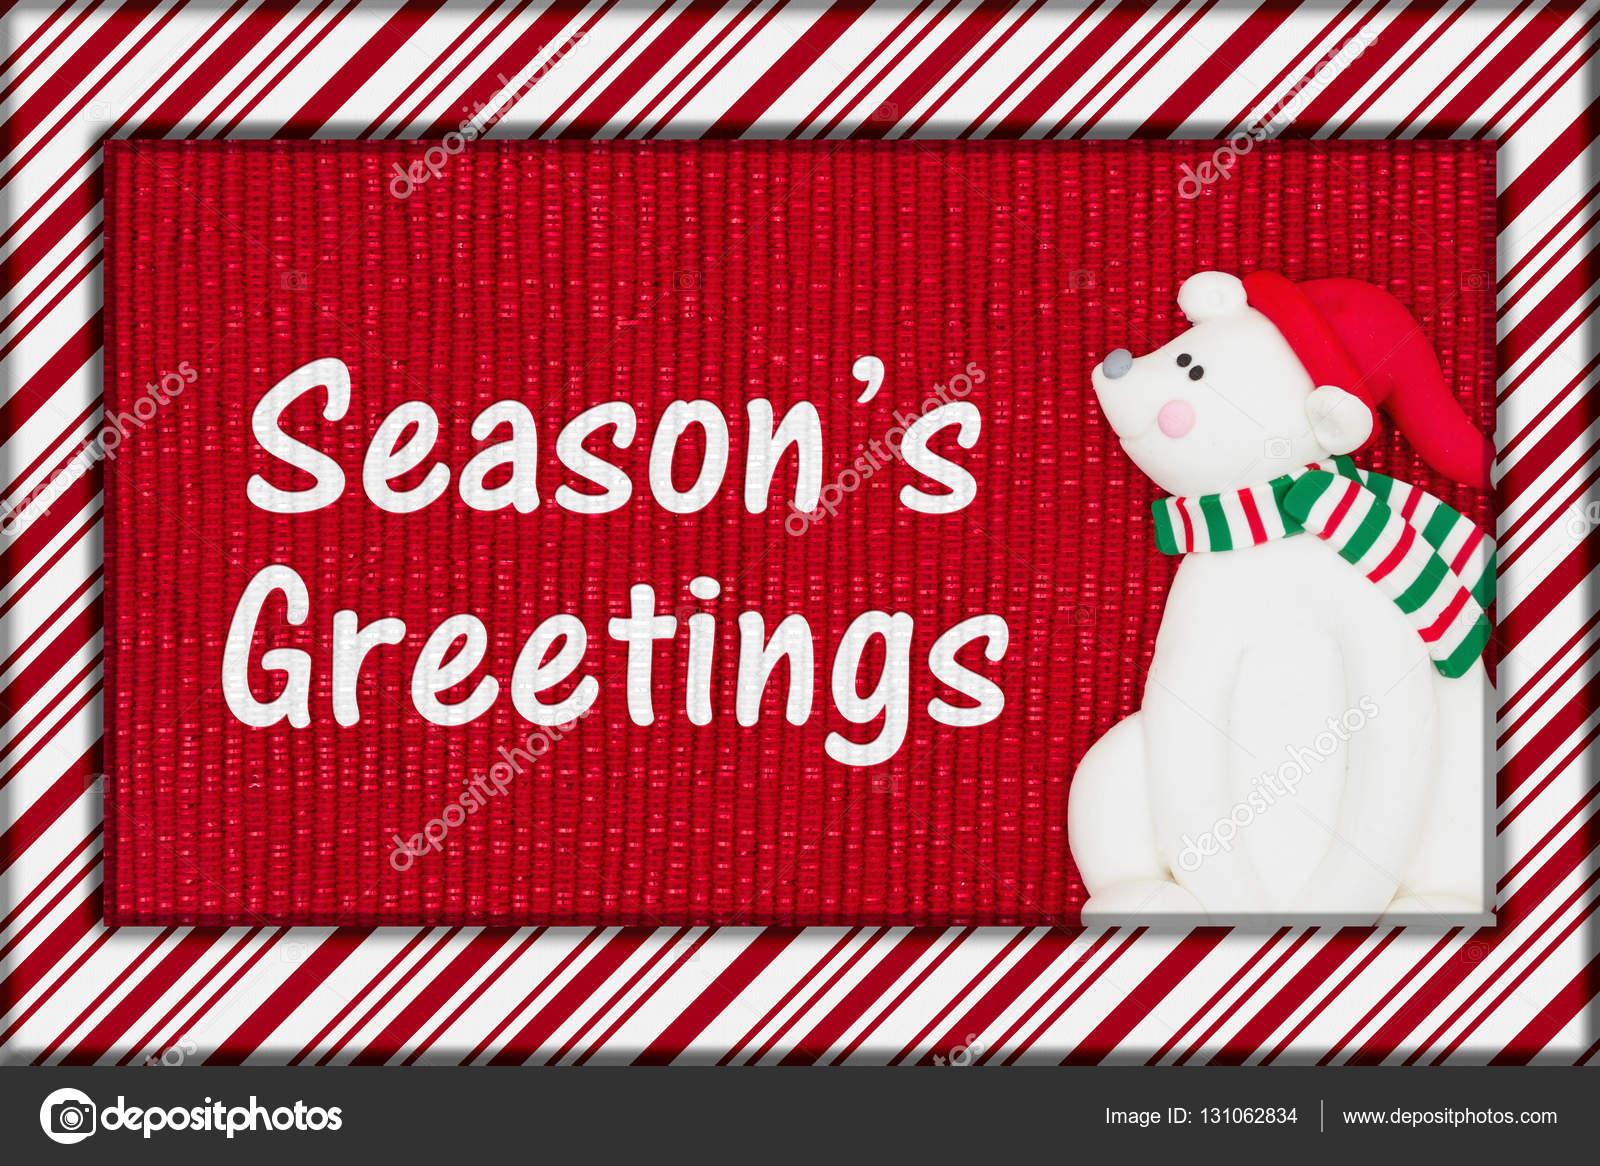 Christmas Seasons Greeting Stock Photo Karenr 131062834